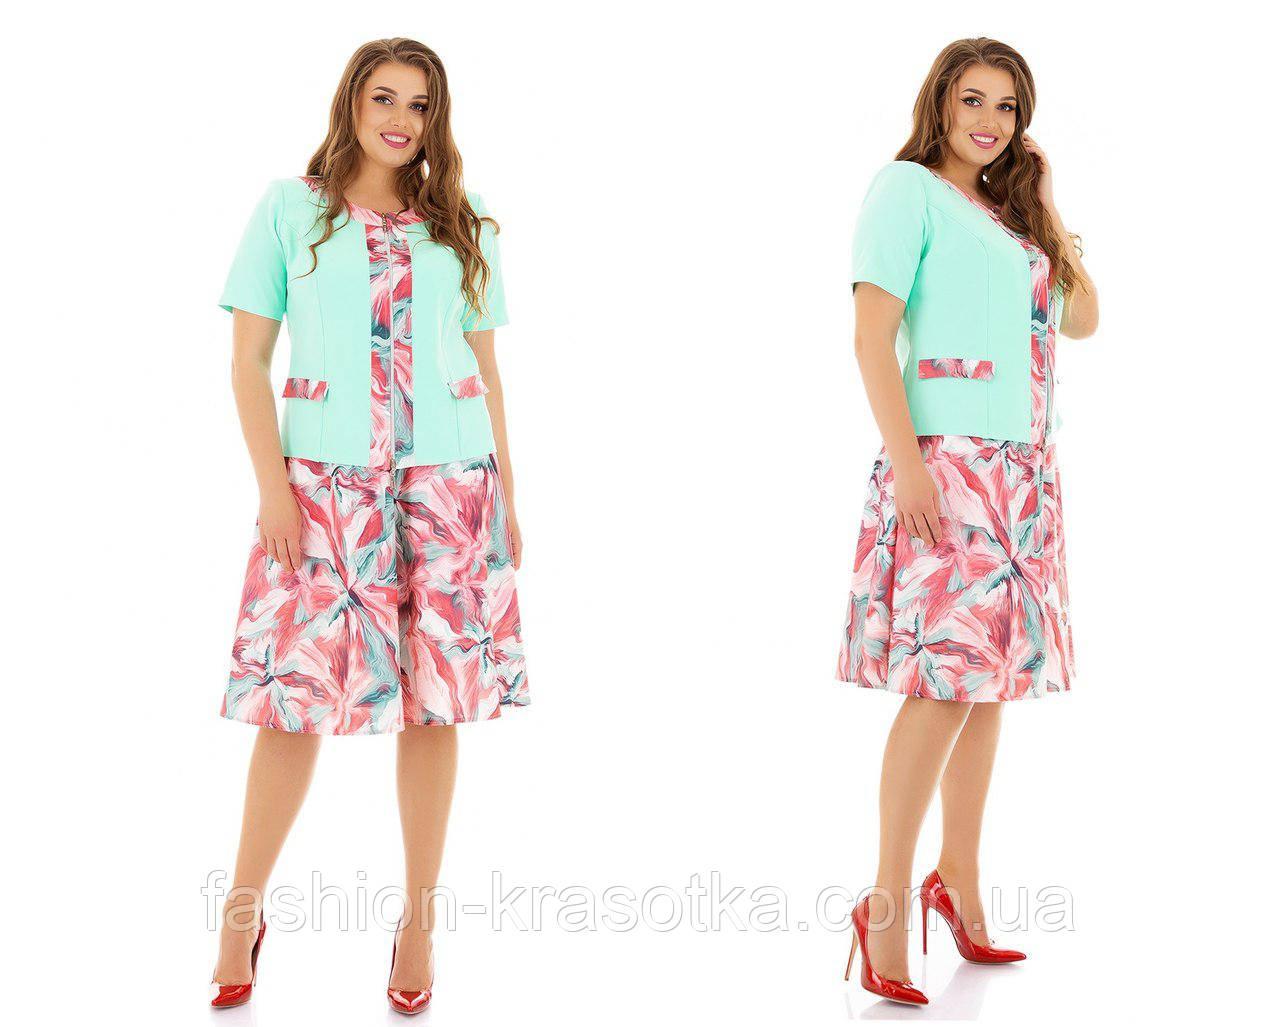 Костюм двойка  пиджак и юбка больших размеров